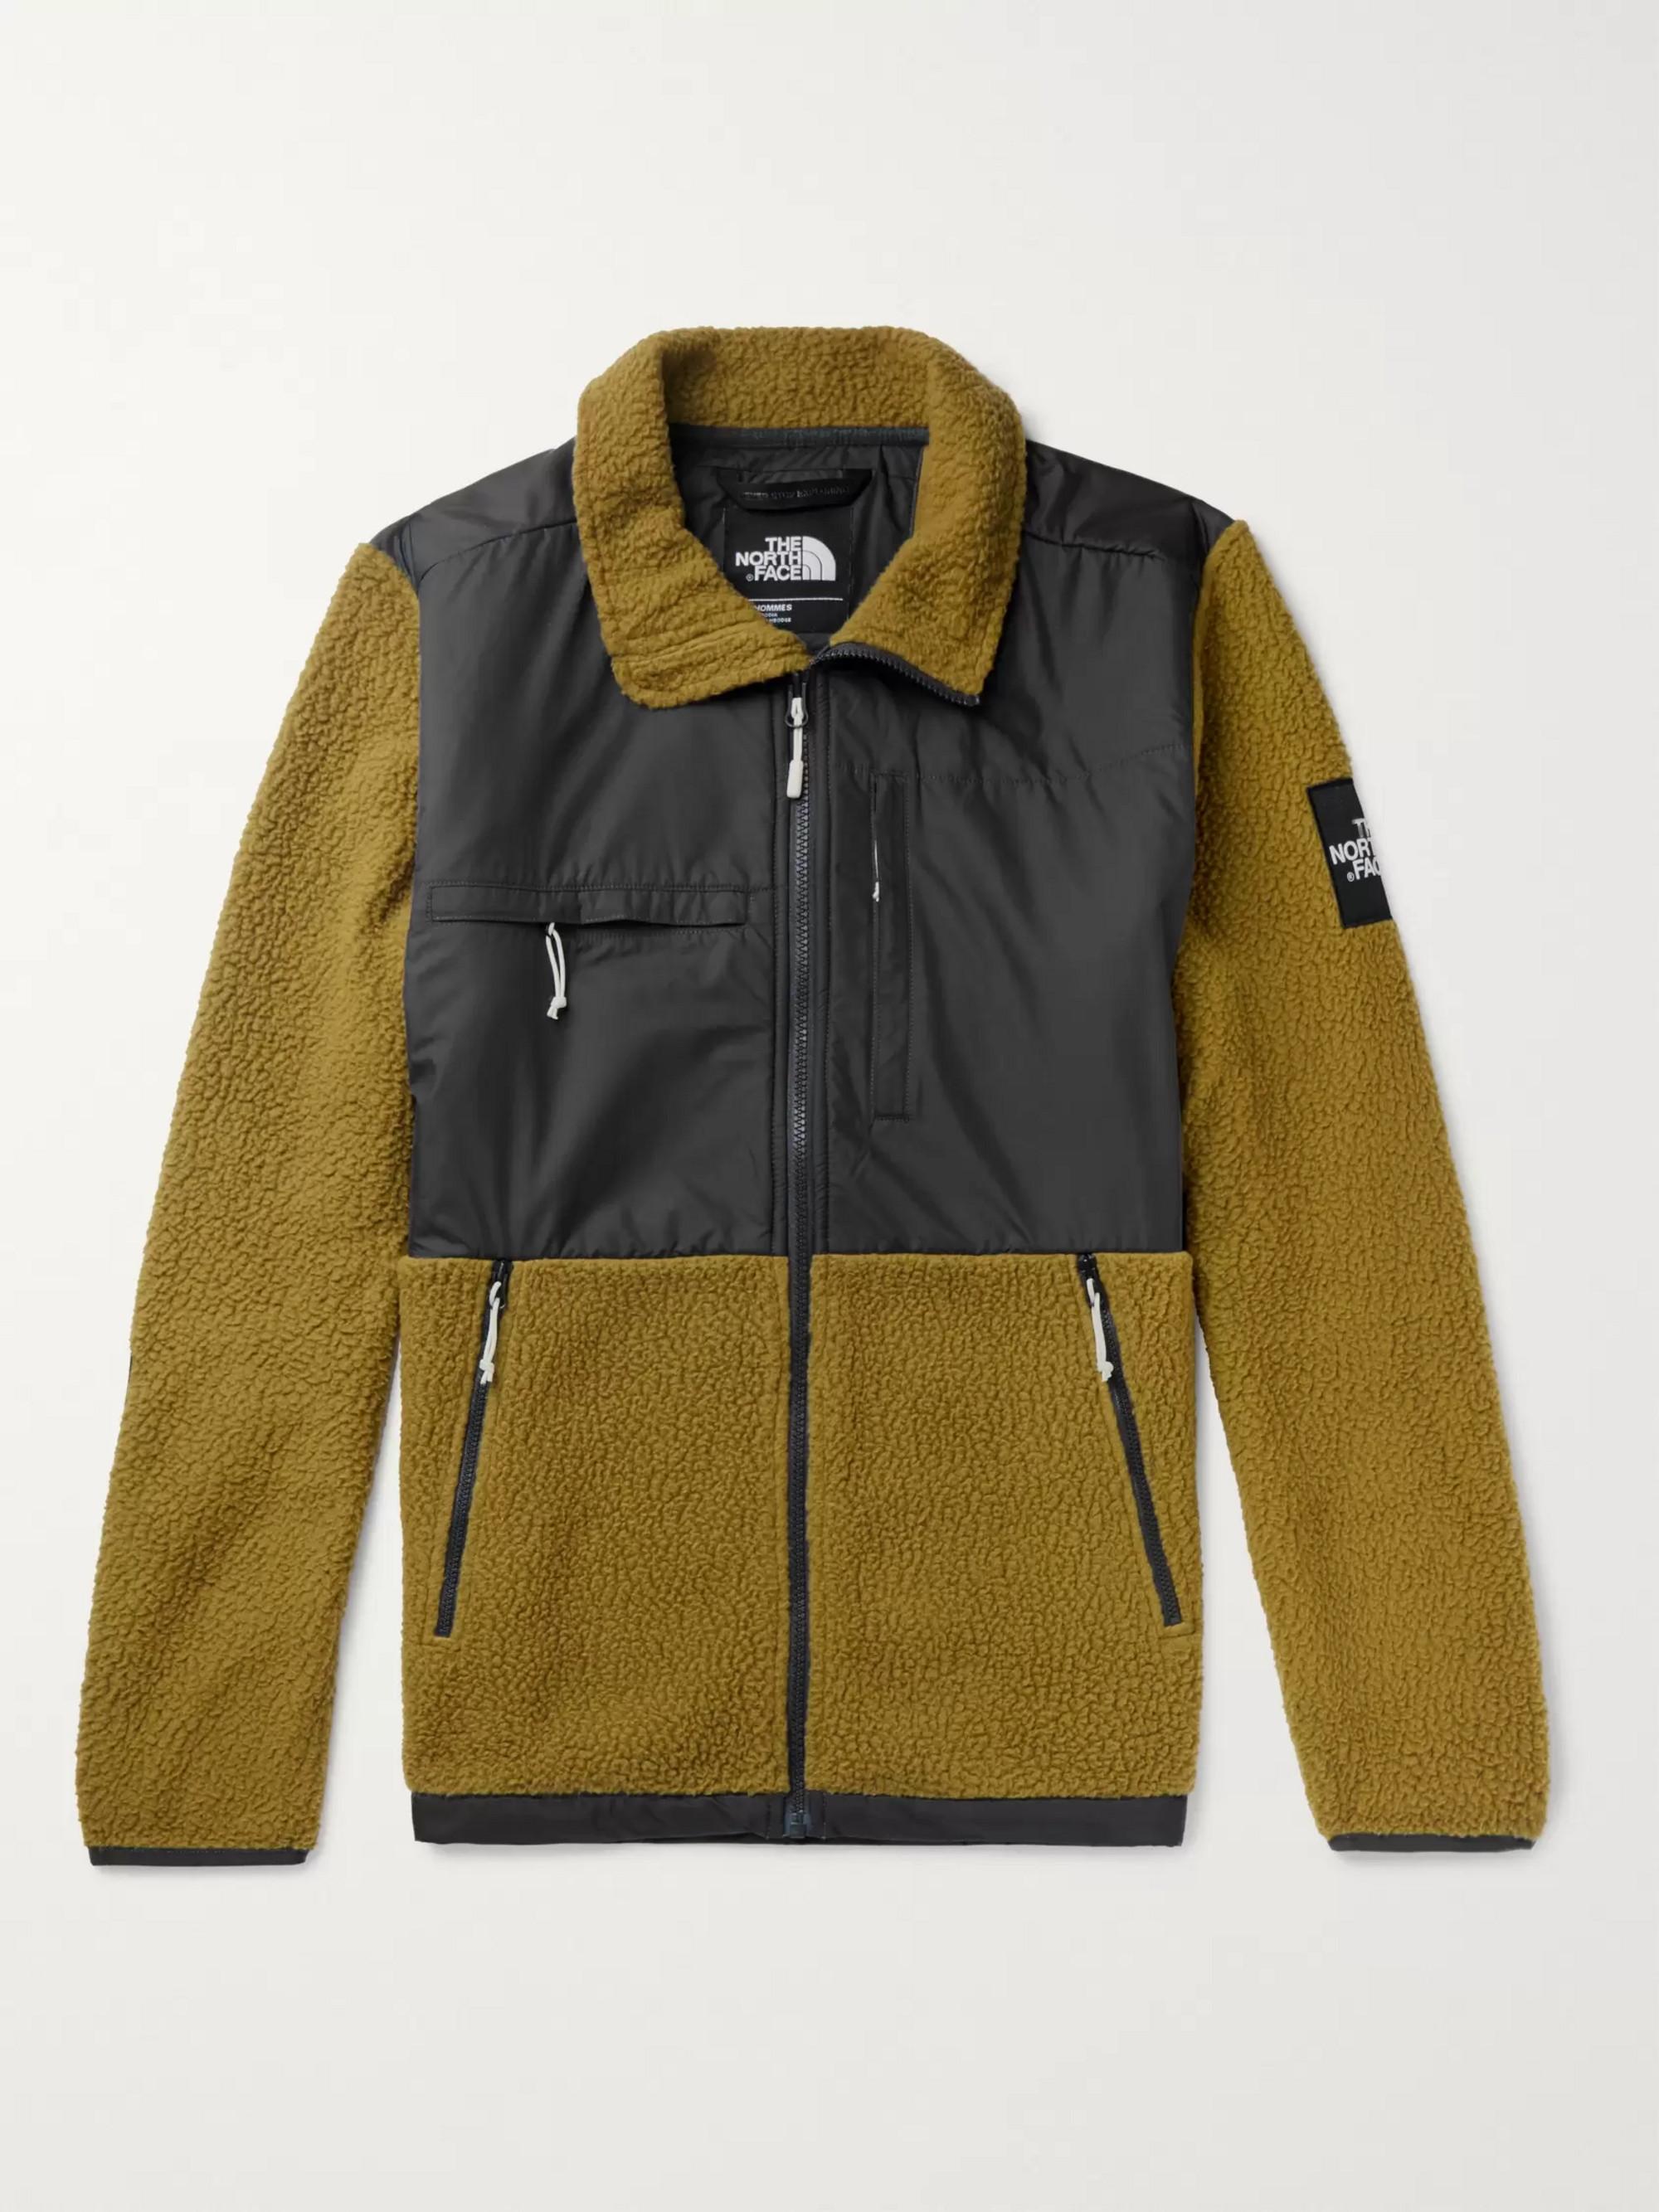 1a62e06e5 Denali Panelled Fleece and Shell Jacket